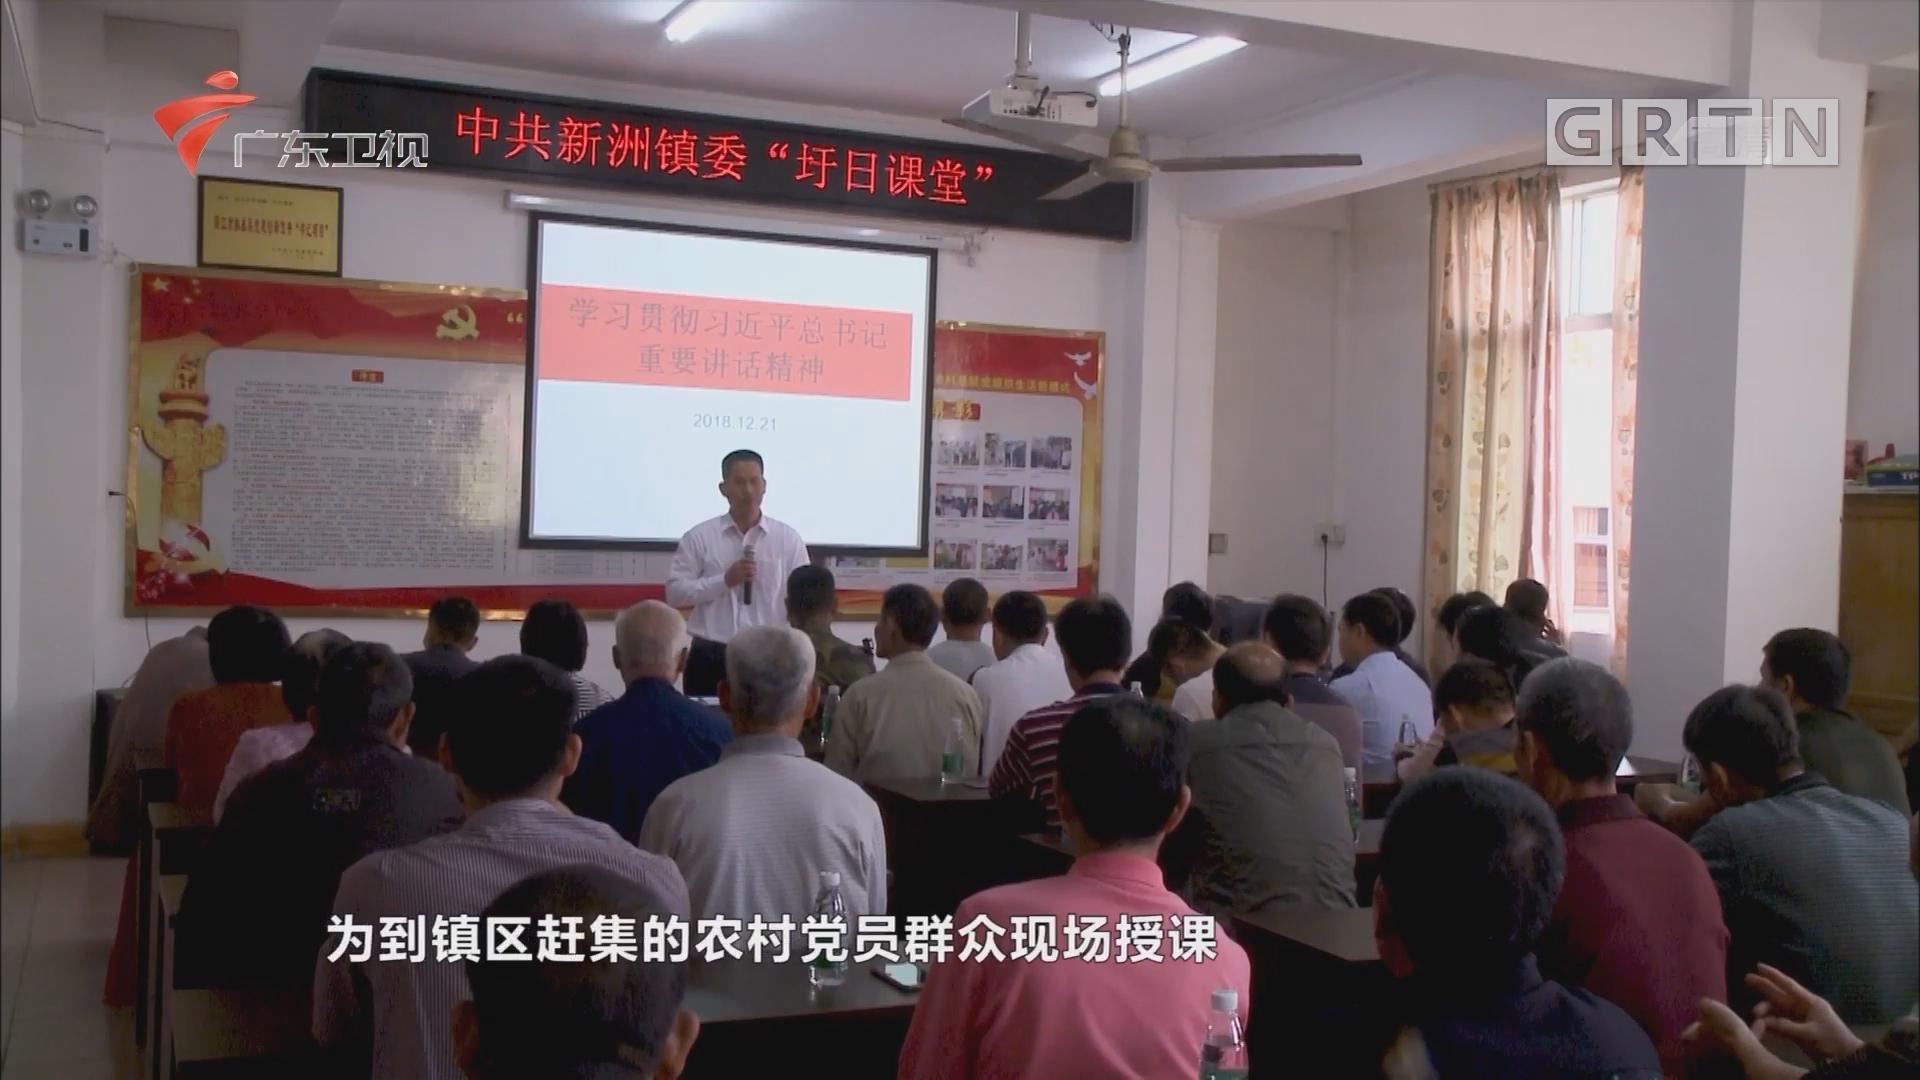 """阳江市阳东区:加强镇委党校建设 打通基层党员群众培训""""最后一公里"""""""